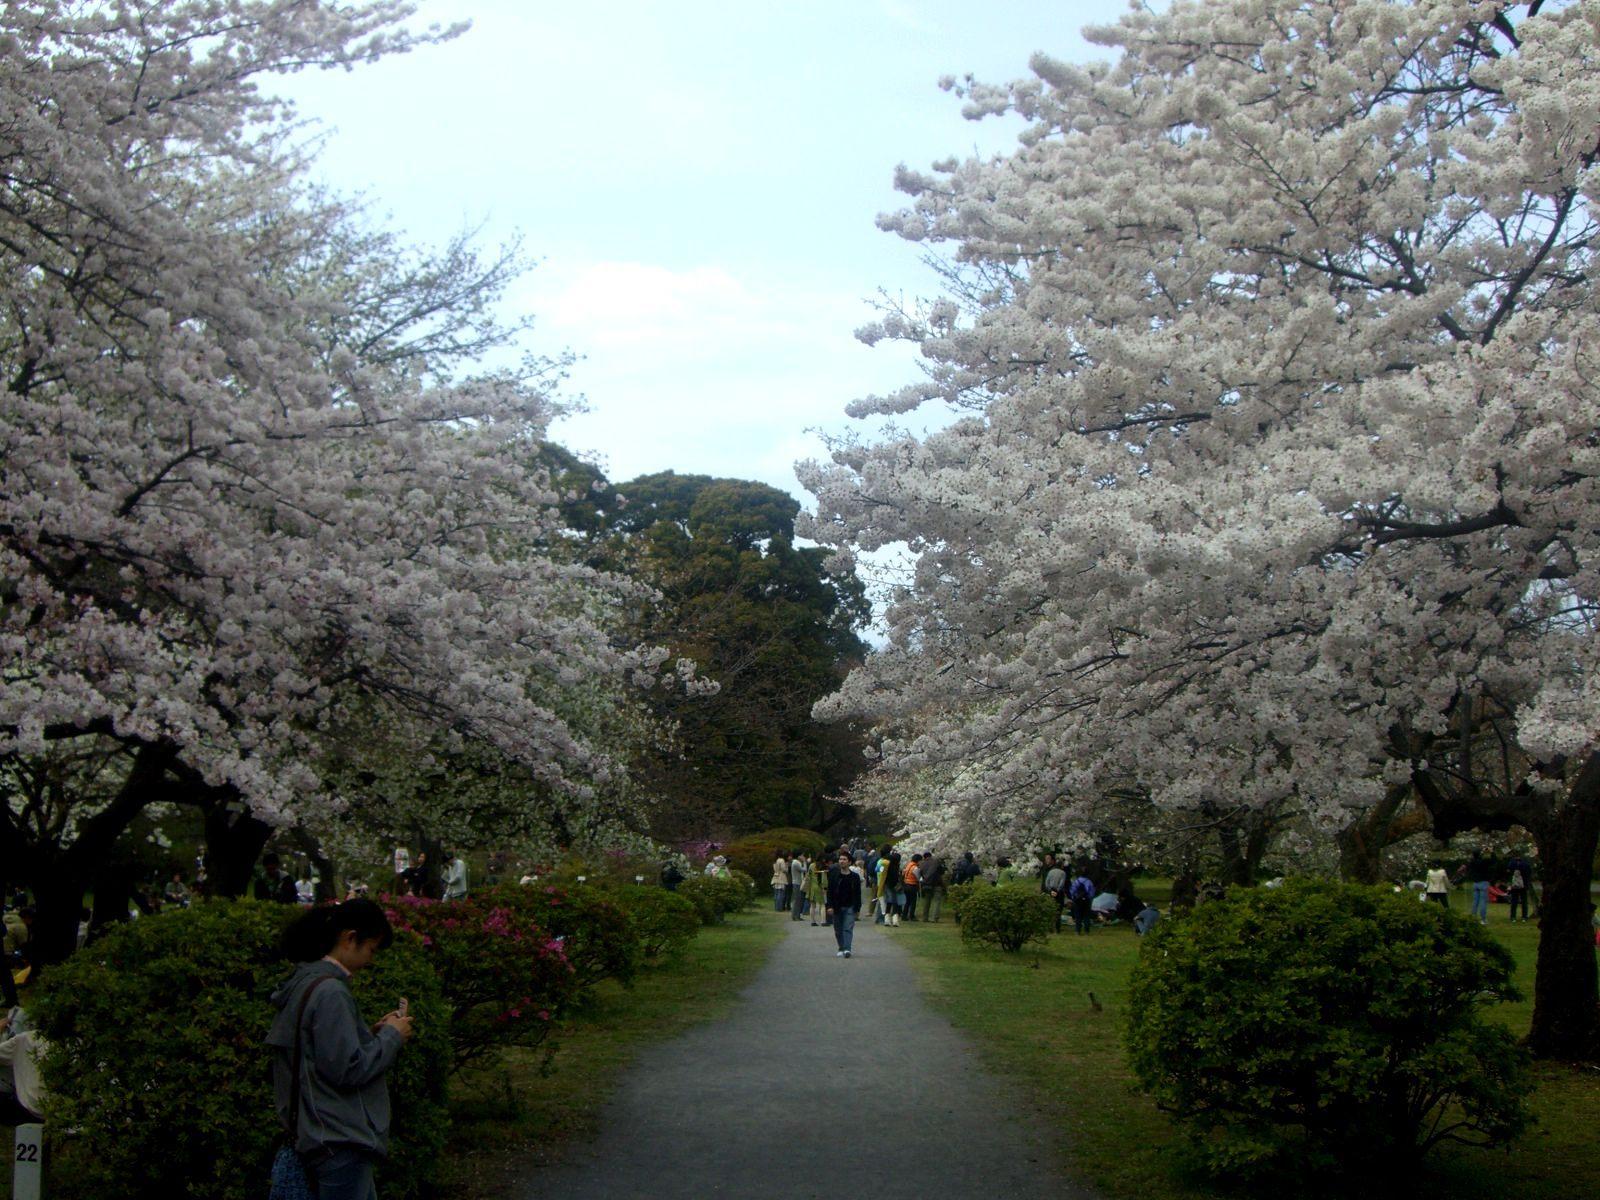 宽阔的草地和许多樱花树